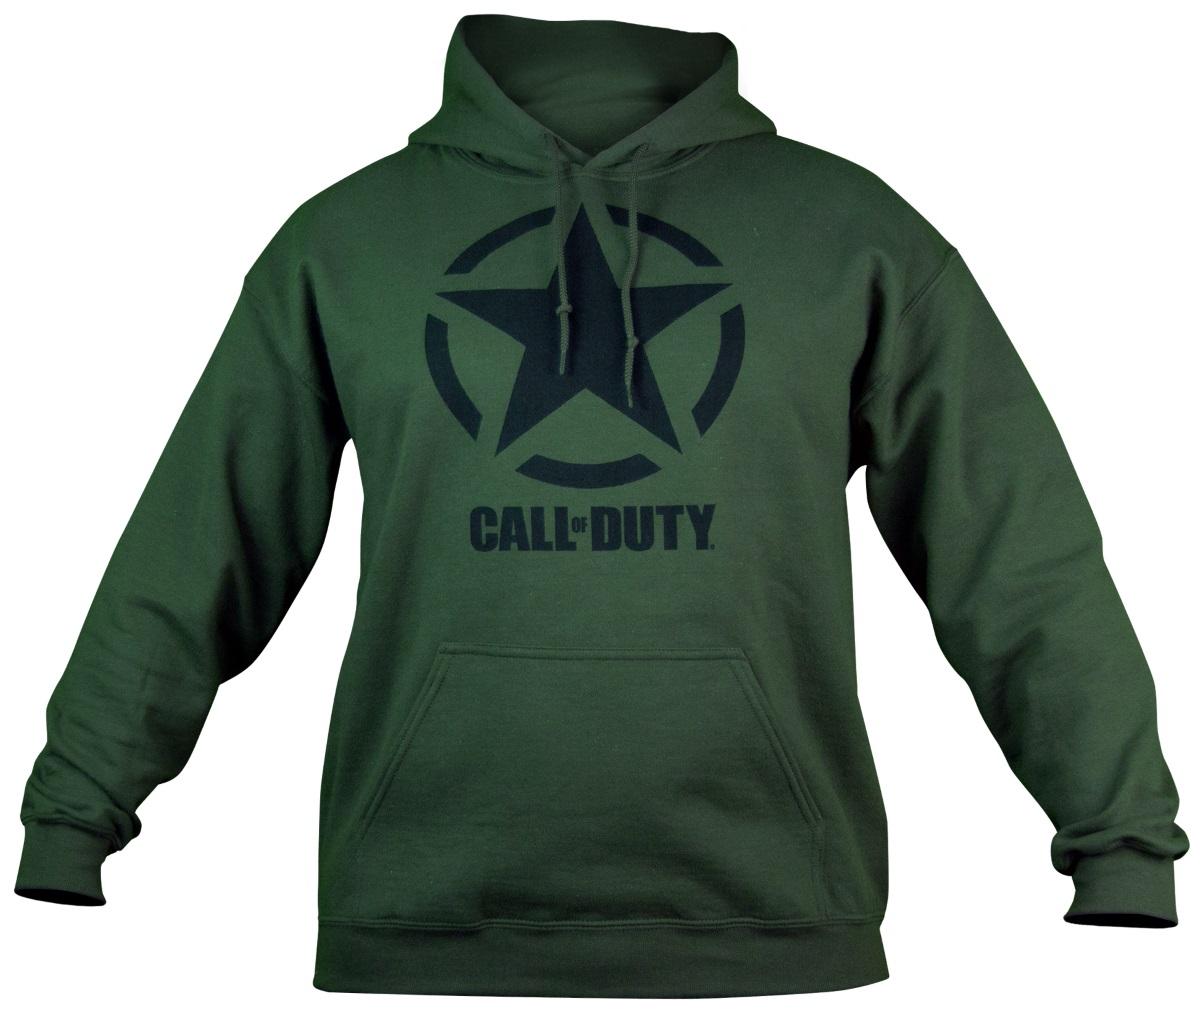 Толстовка Call Of Duty WWII (хаки)Лицензионная толстовка с круглым воротом из хлопка и акрила Call Of Duty WWII станет отличным подарком для фанатов игры и легендарной серии в целом.<br>